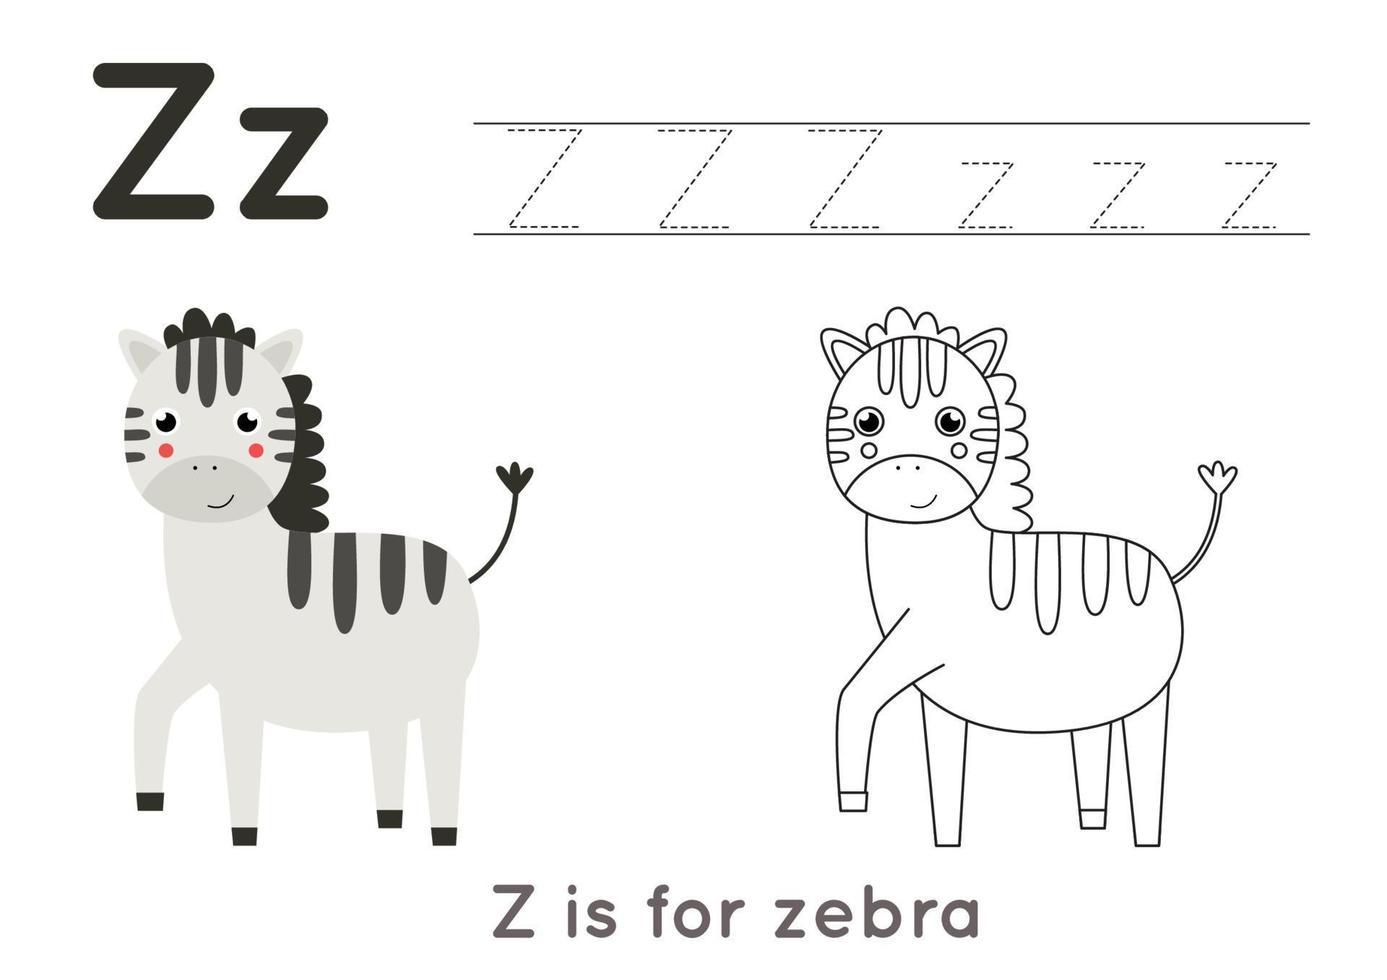 pagina da colorare e ricalcare con la lettera ze zebra simpatico cartone animato. vettore